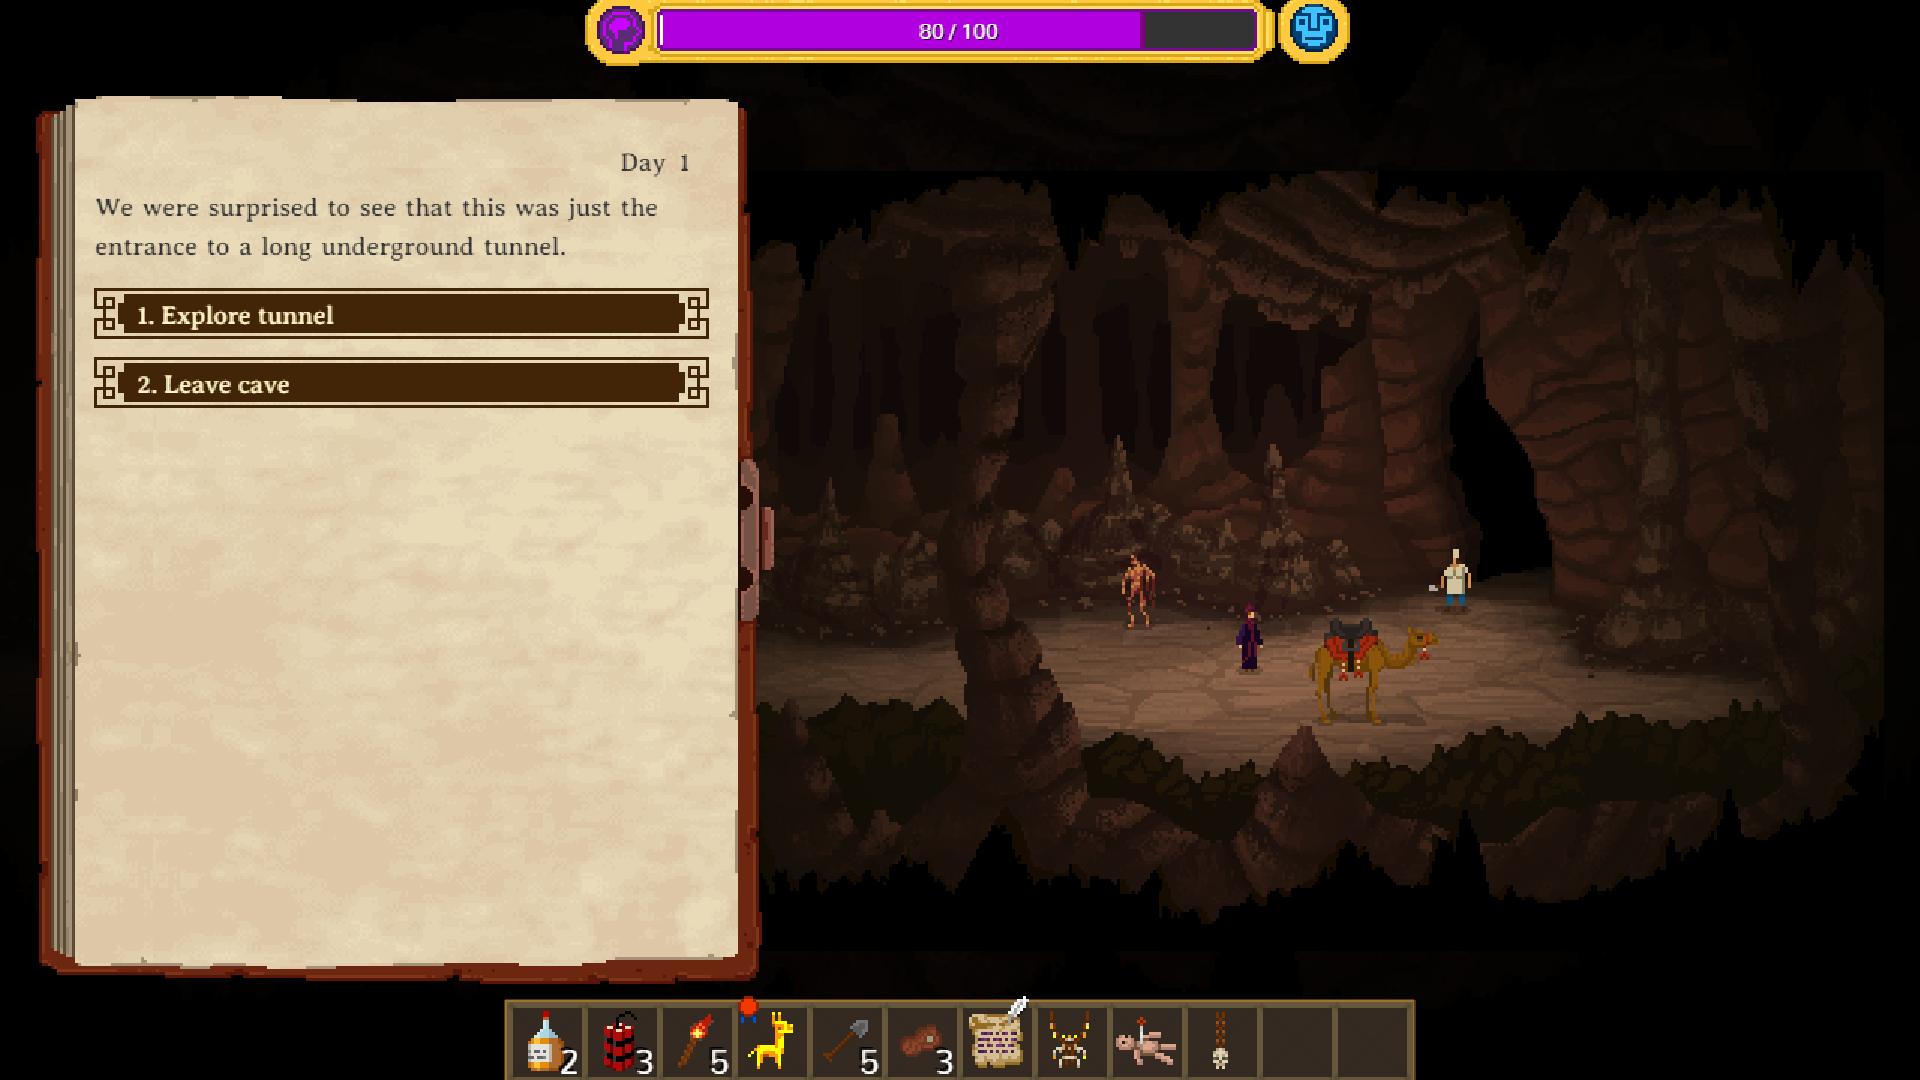 screenshot 02.original - Recensione Curious Expedition